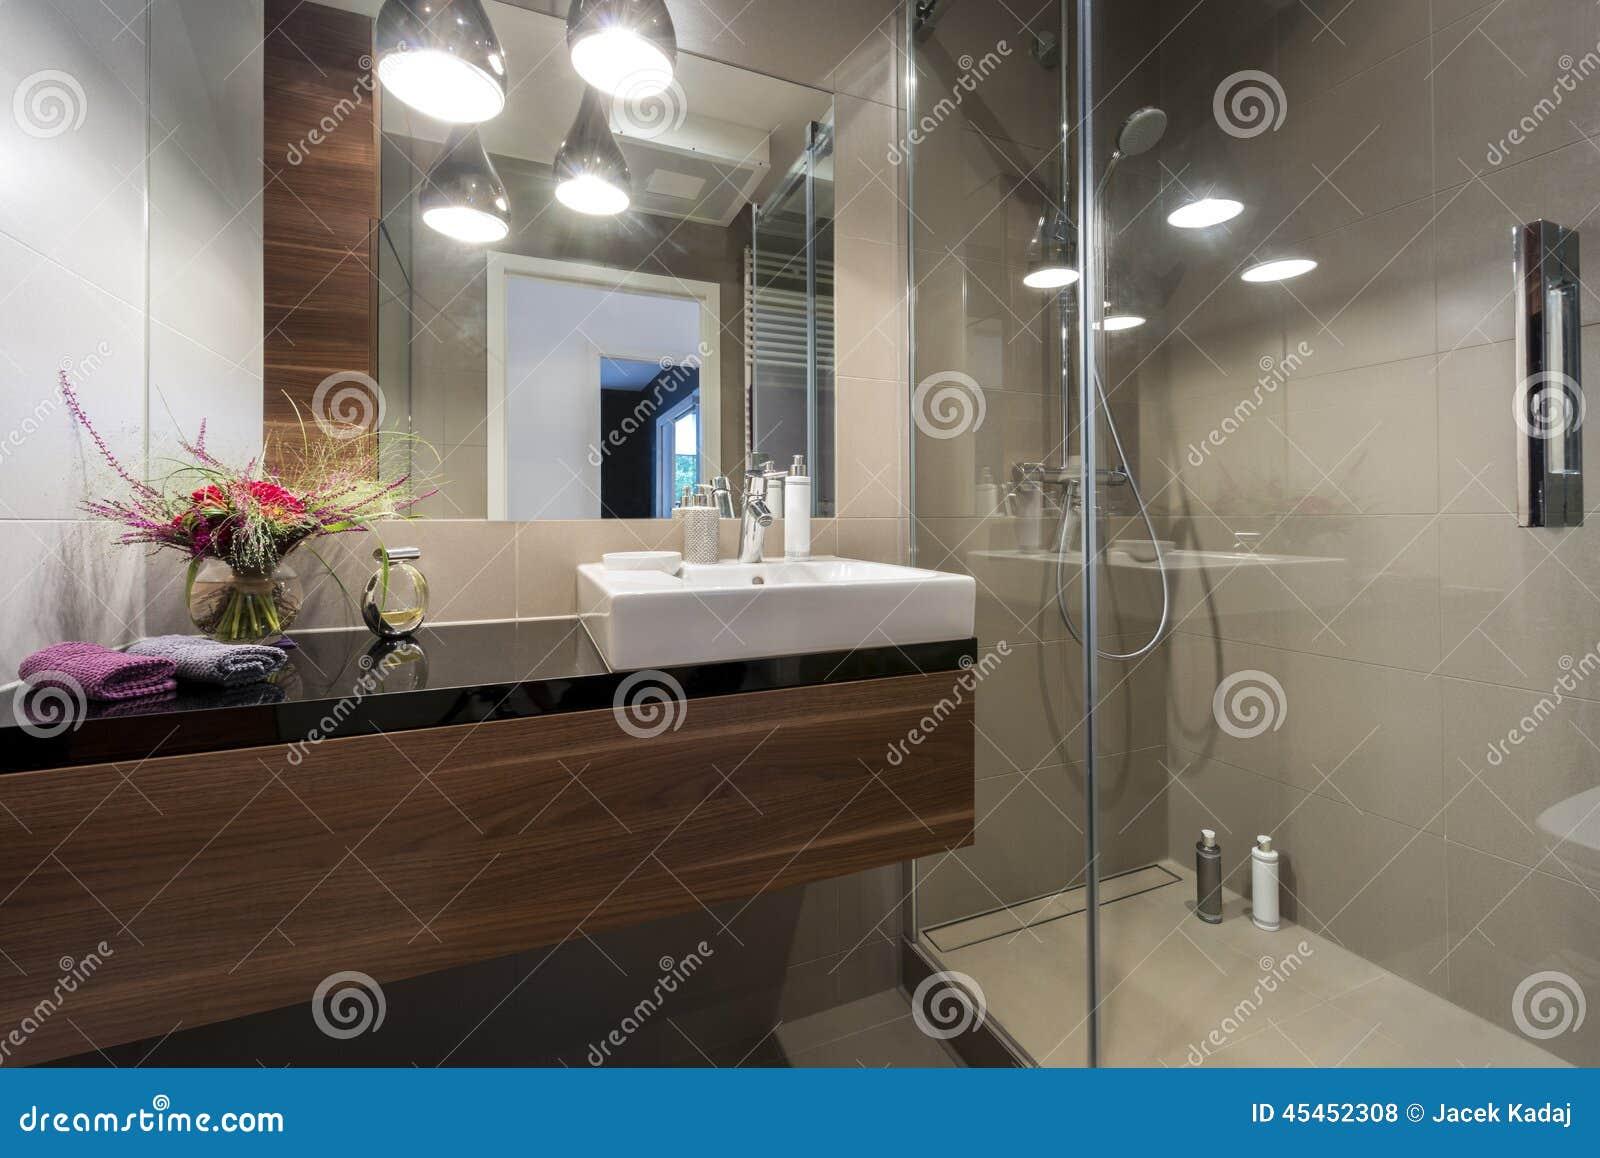 Fotografias Cuartos De Baño Con Ducha:Cuarto De Baño De Lujo Moderno Con La Ducha Foto de archivo – Imagen